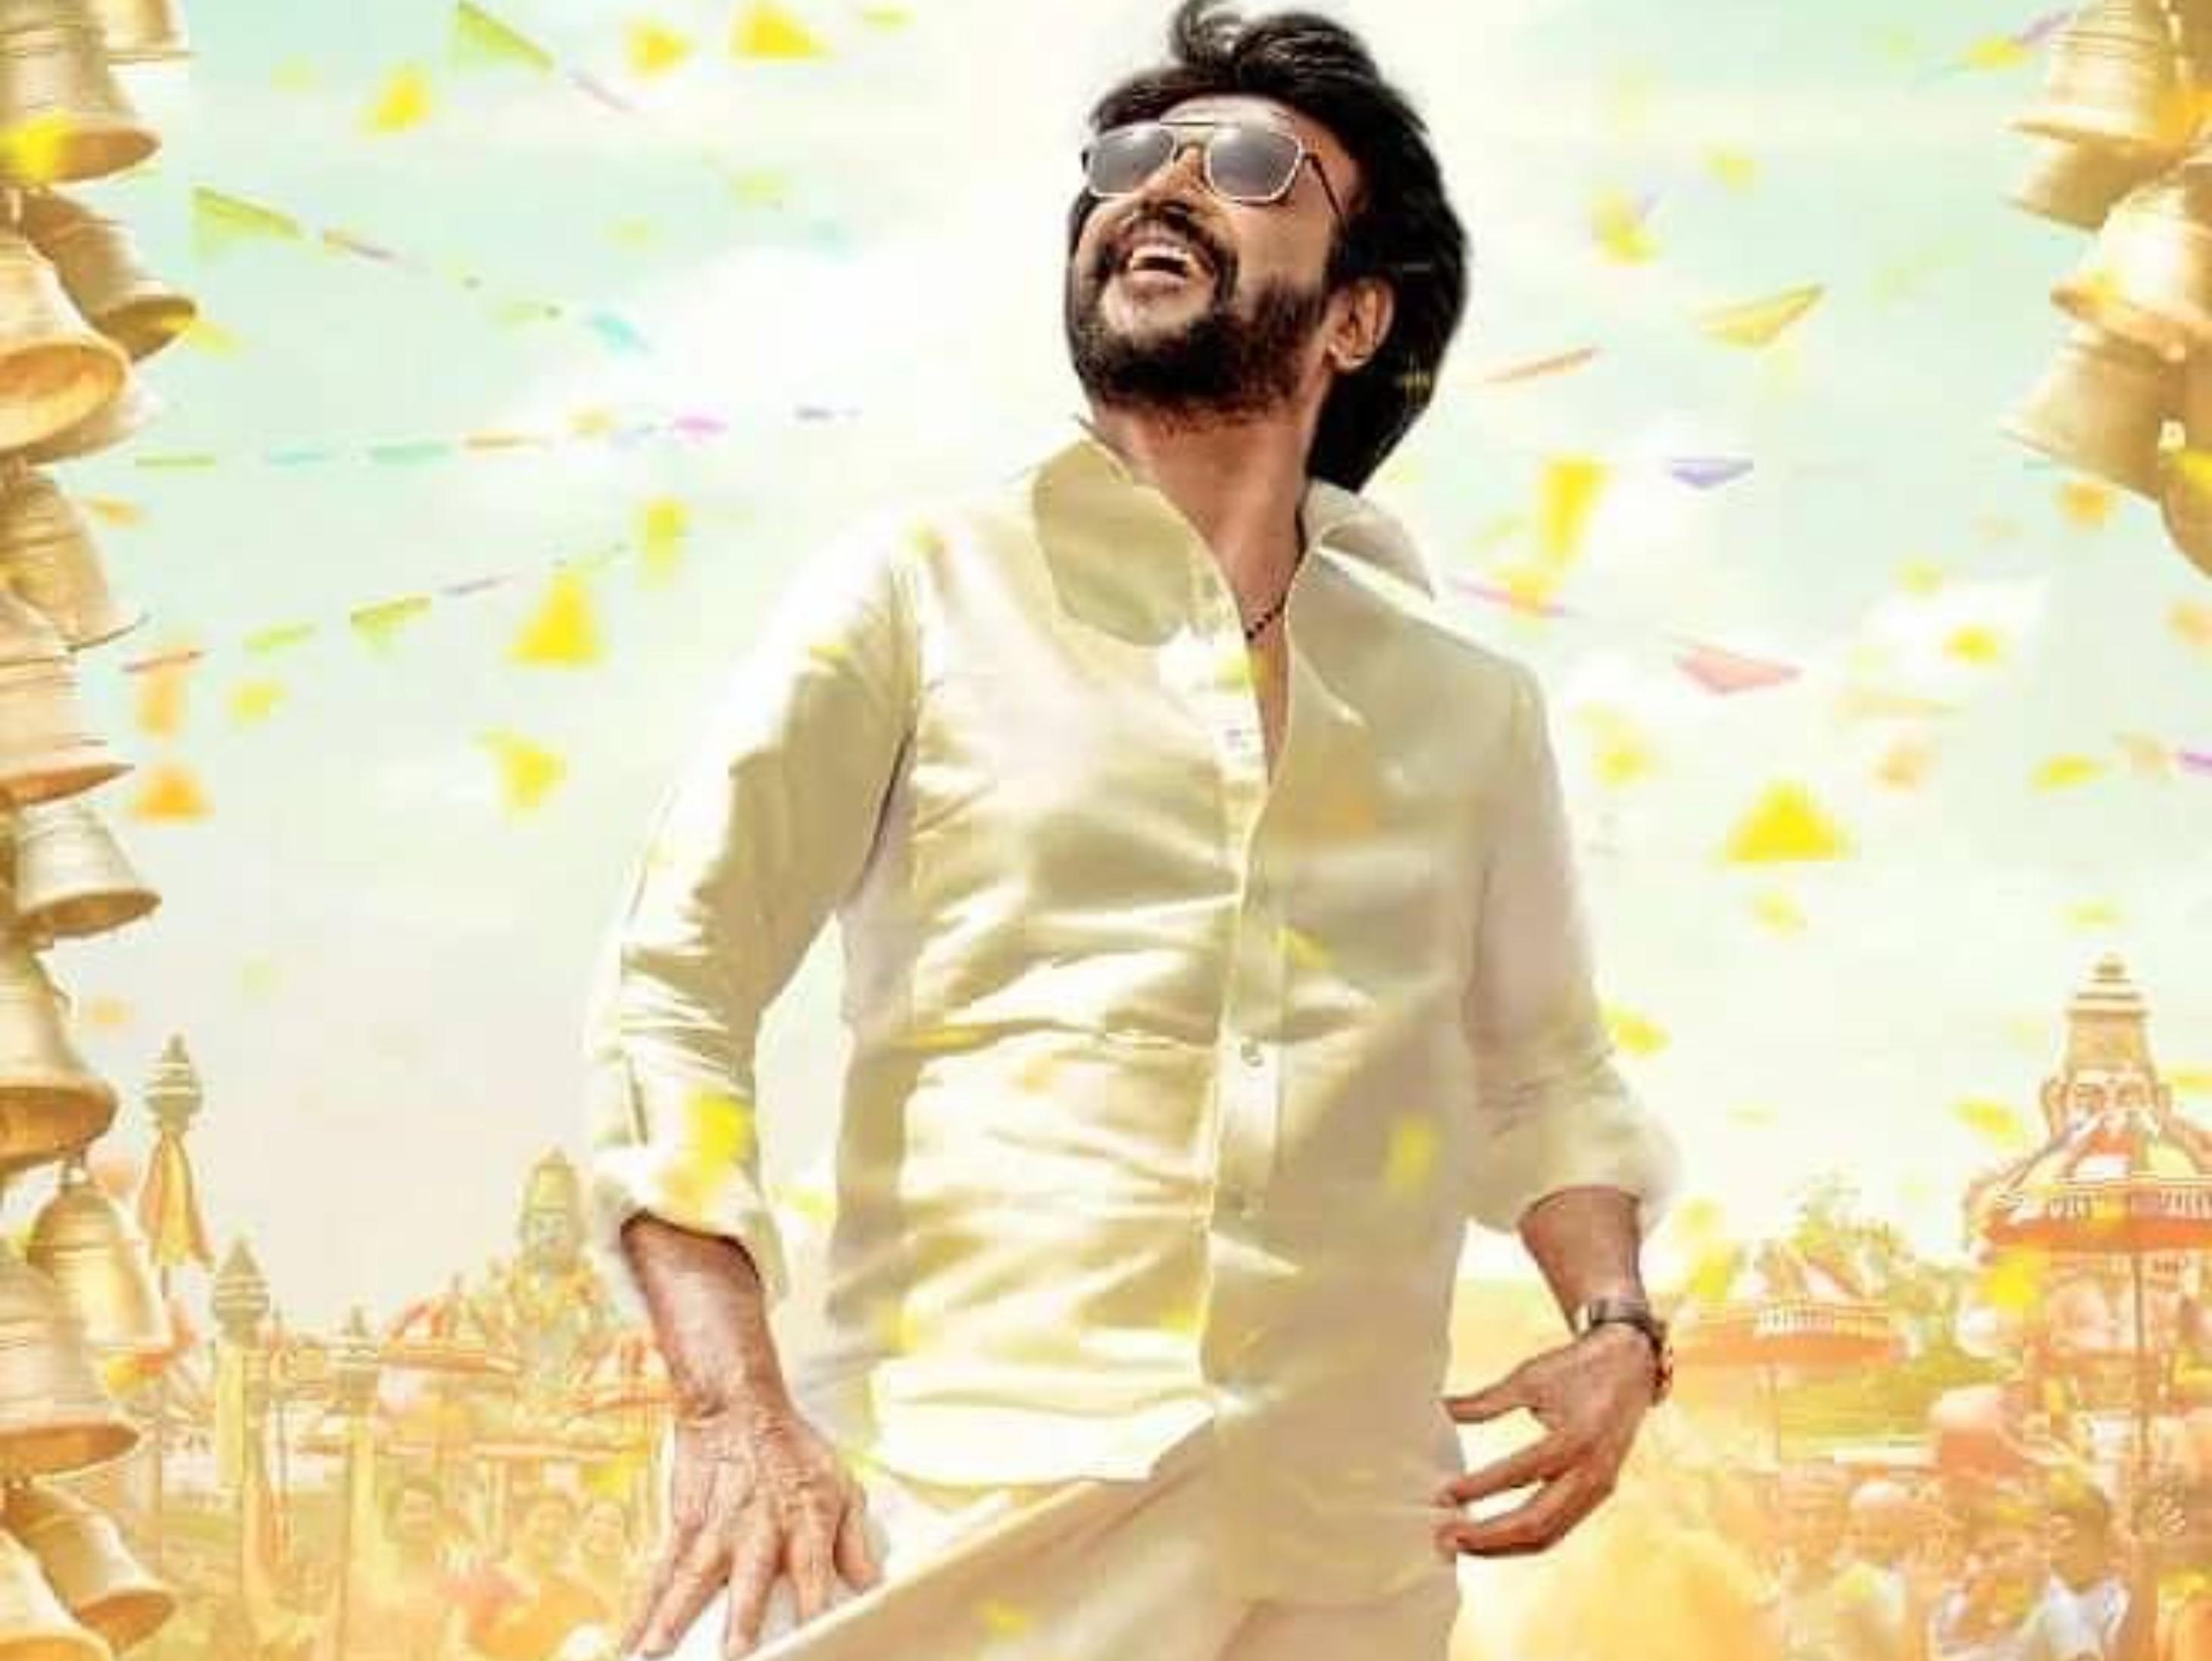 रजनीकांत की फिल्म अन्नाथे का मोशन पोस्टर आउट, हॉलीवुड पर हमलावर हुईं कंगना बोलीं- वे हमारी स्क्रीन पर कब्जा कर रहे हैं बॉलीवुड,Bollywood - Dainik Bhaskar